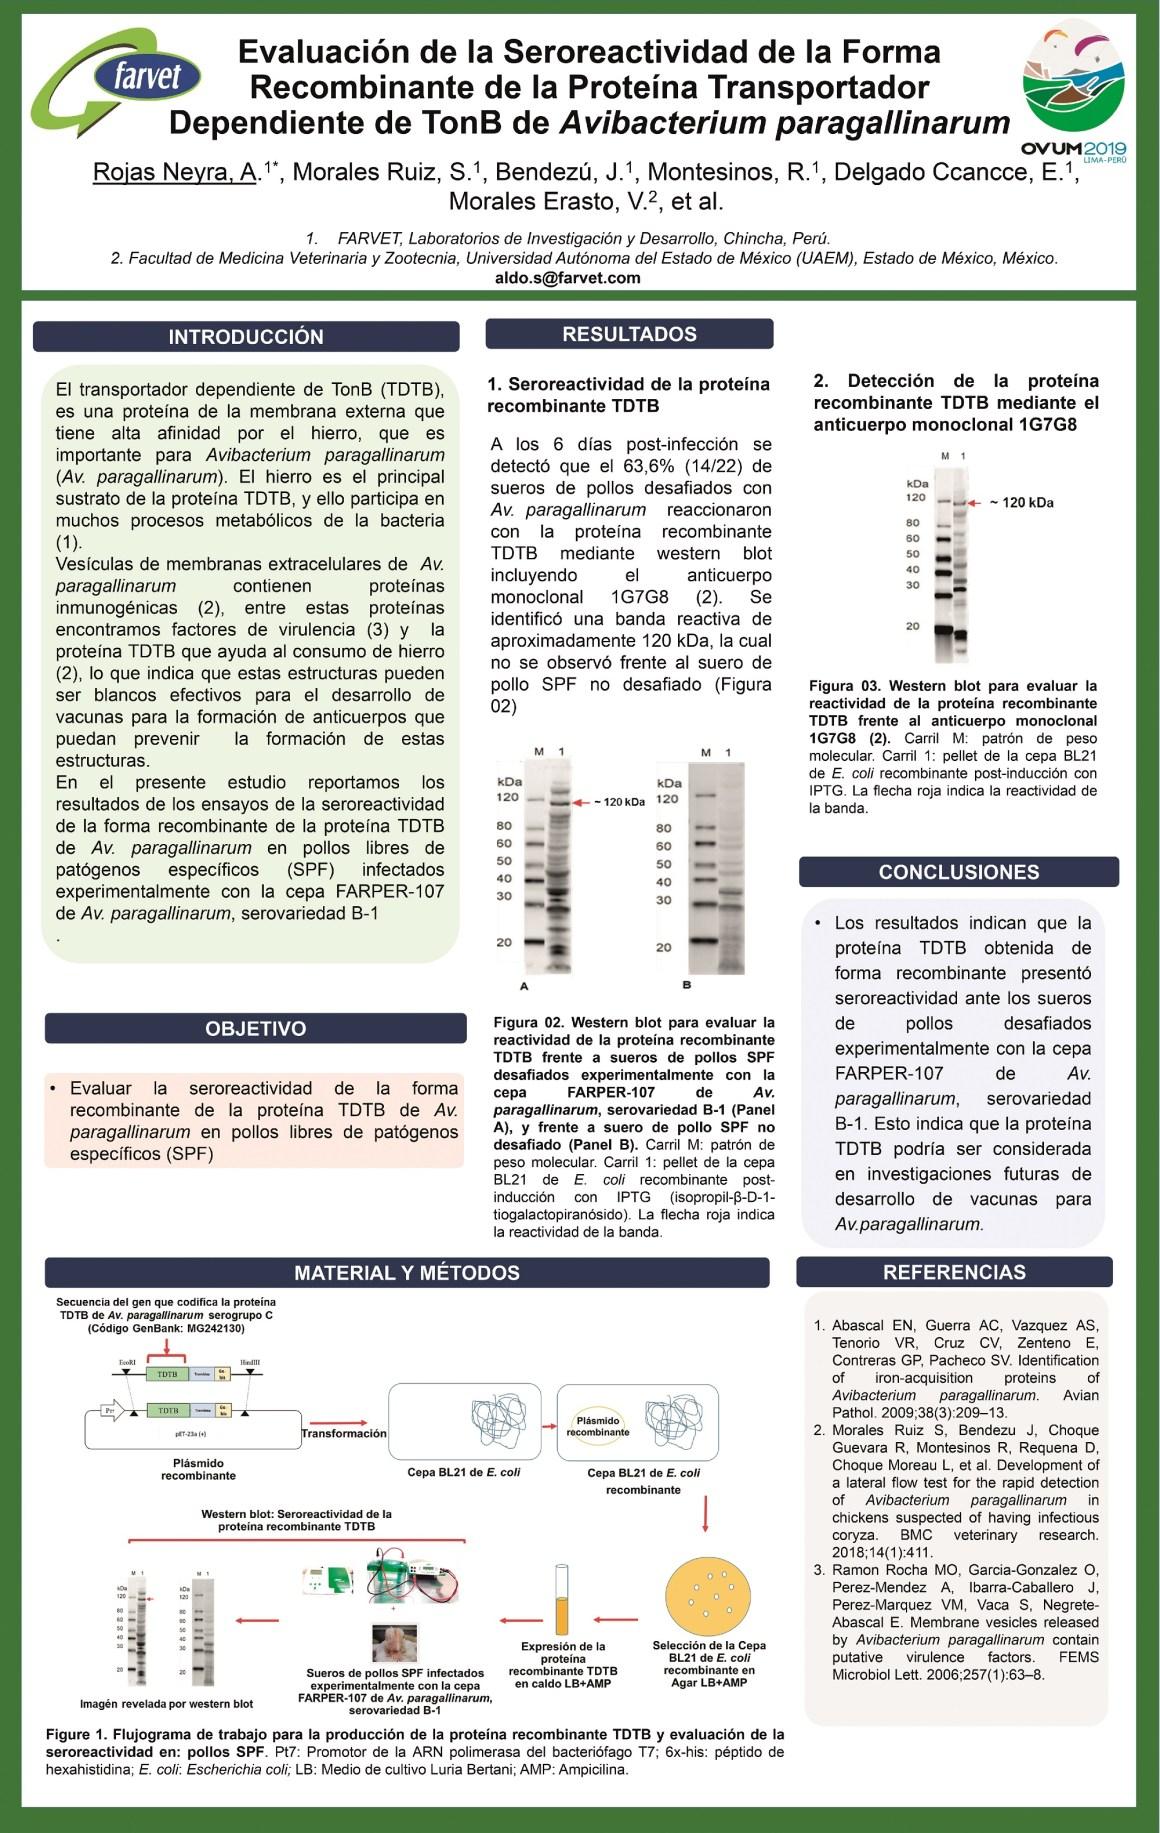 de la Seroreactividad de la Forma Recombinante de la  Transportador Dependiente de TonB de Avibacterium paragallinarum.jpg